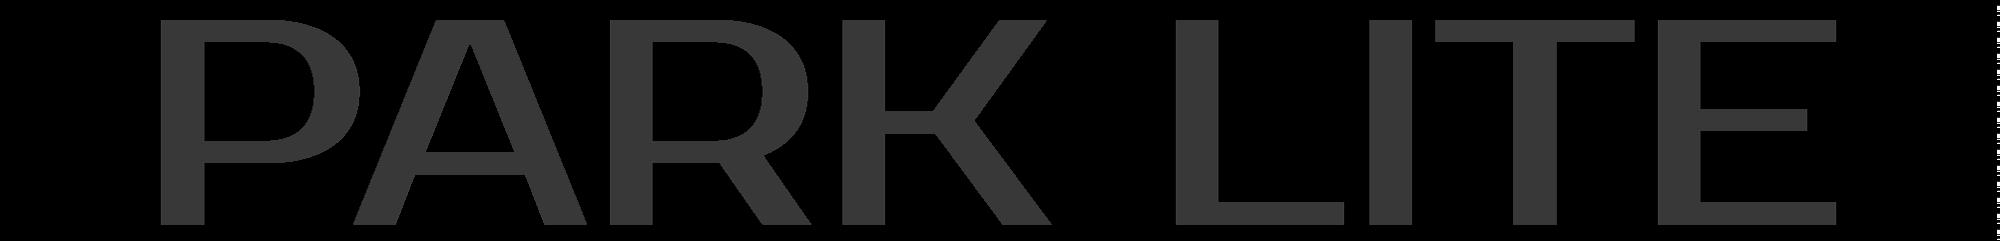 Park Lite logo